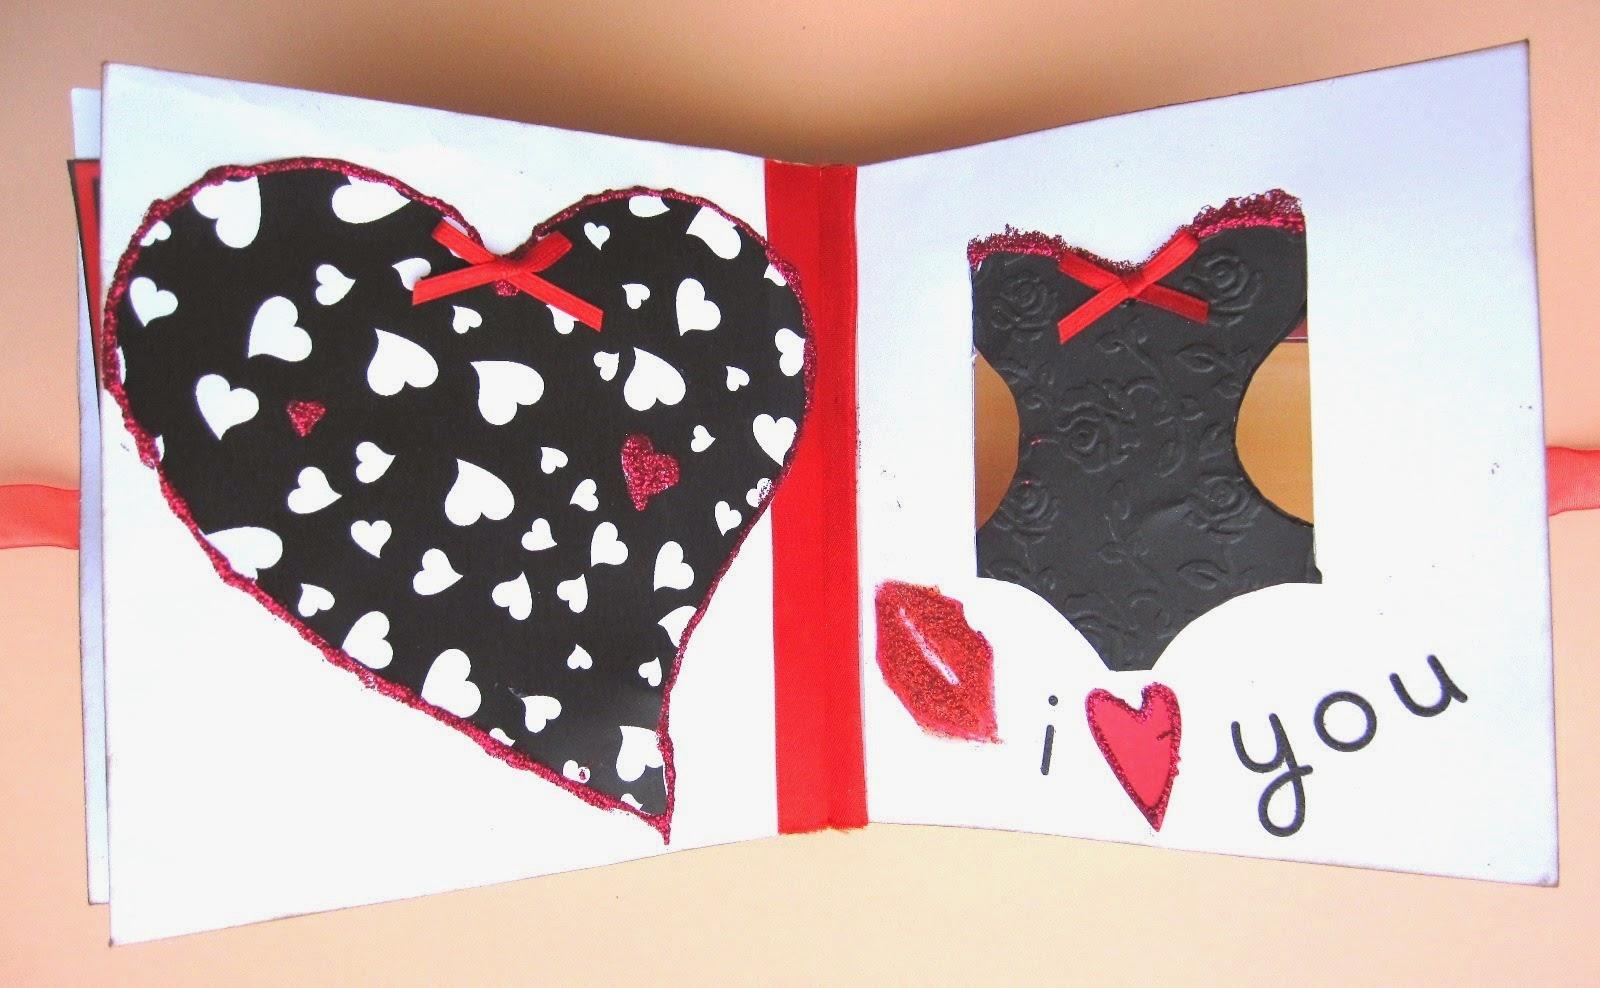 foto 1 decoración interior LOVE mini-álbum a la izquierda corazón negro con corazones blancos dentro y lazo rojo y a la derecha tarjeta corsé negro con detalles en rojo, labios y mensaje 'I love you!